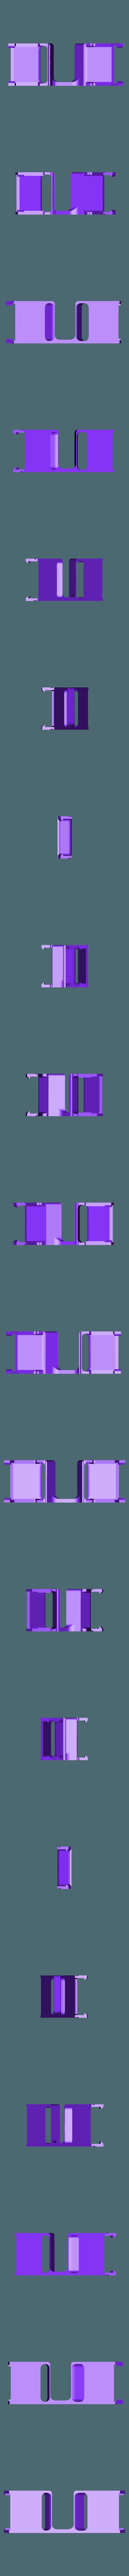 CB_Cooling_Fans_Adaptor_For_Barts_Hotend_MKII.STL Télécharger fichier STL gratuit Adaptateur de ventilateur Craftbot pour la mise à niveau du hotend de Barts • Plan pour impression 3D, VforVosh